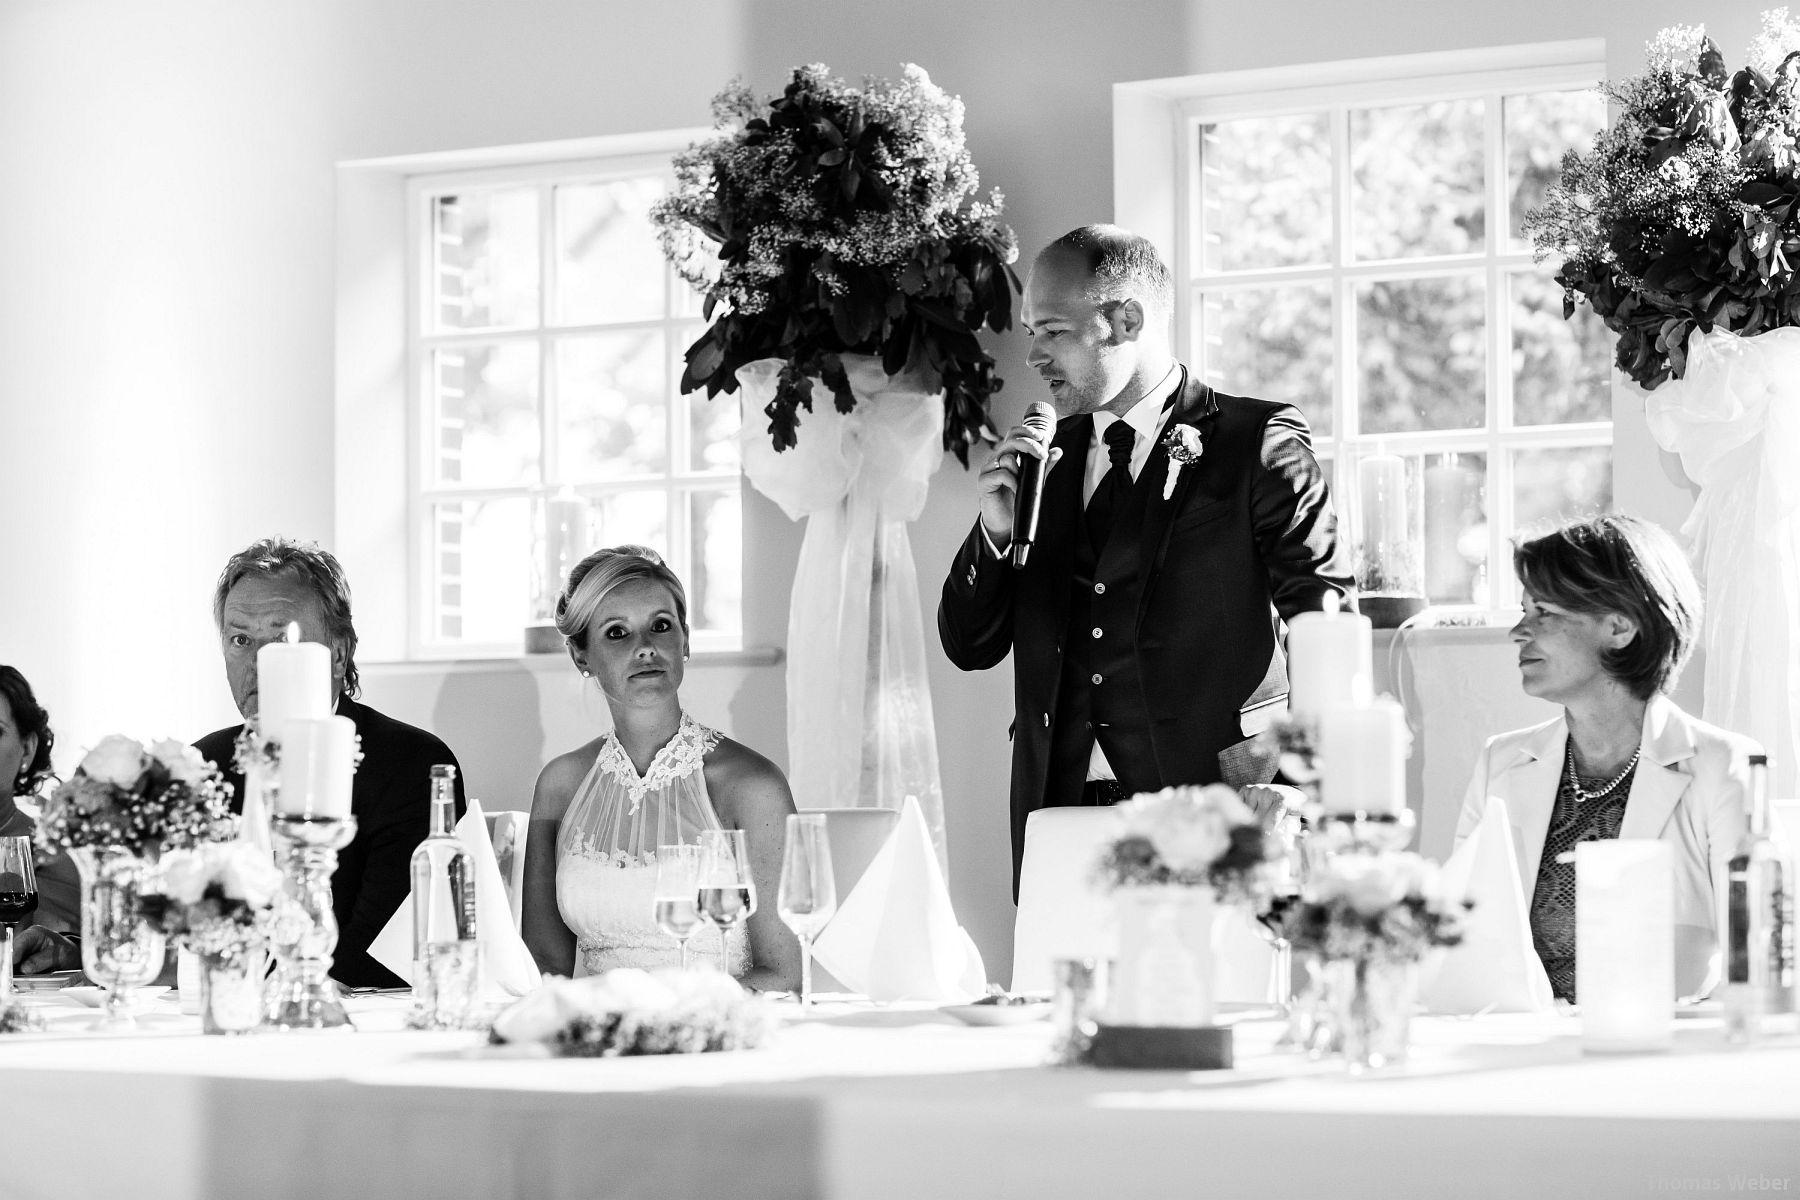 Hochzeitsfotograf Oldenburg: Hochzeit in der Eventscheune St. Georg in Rastede (66)